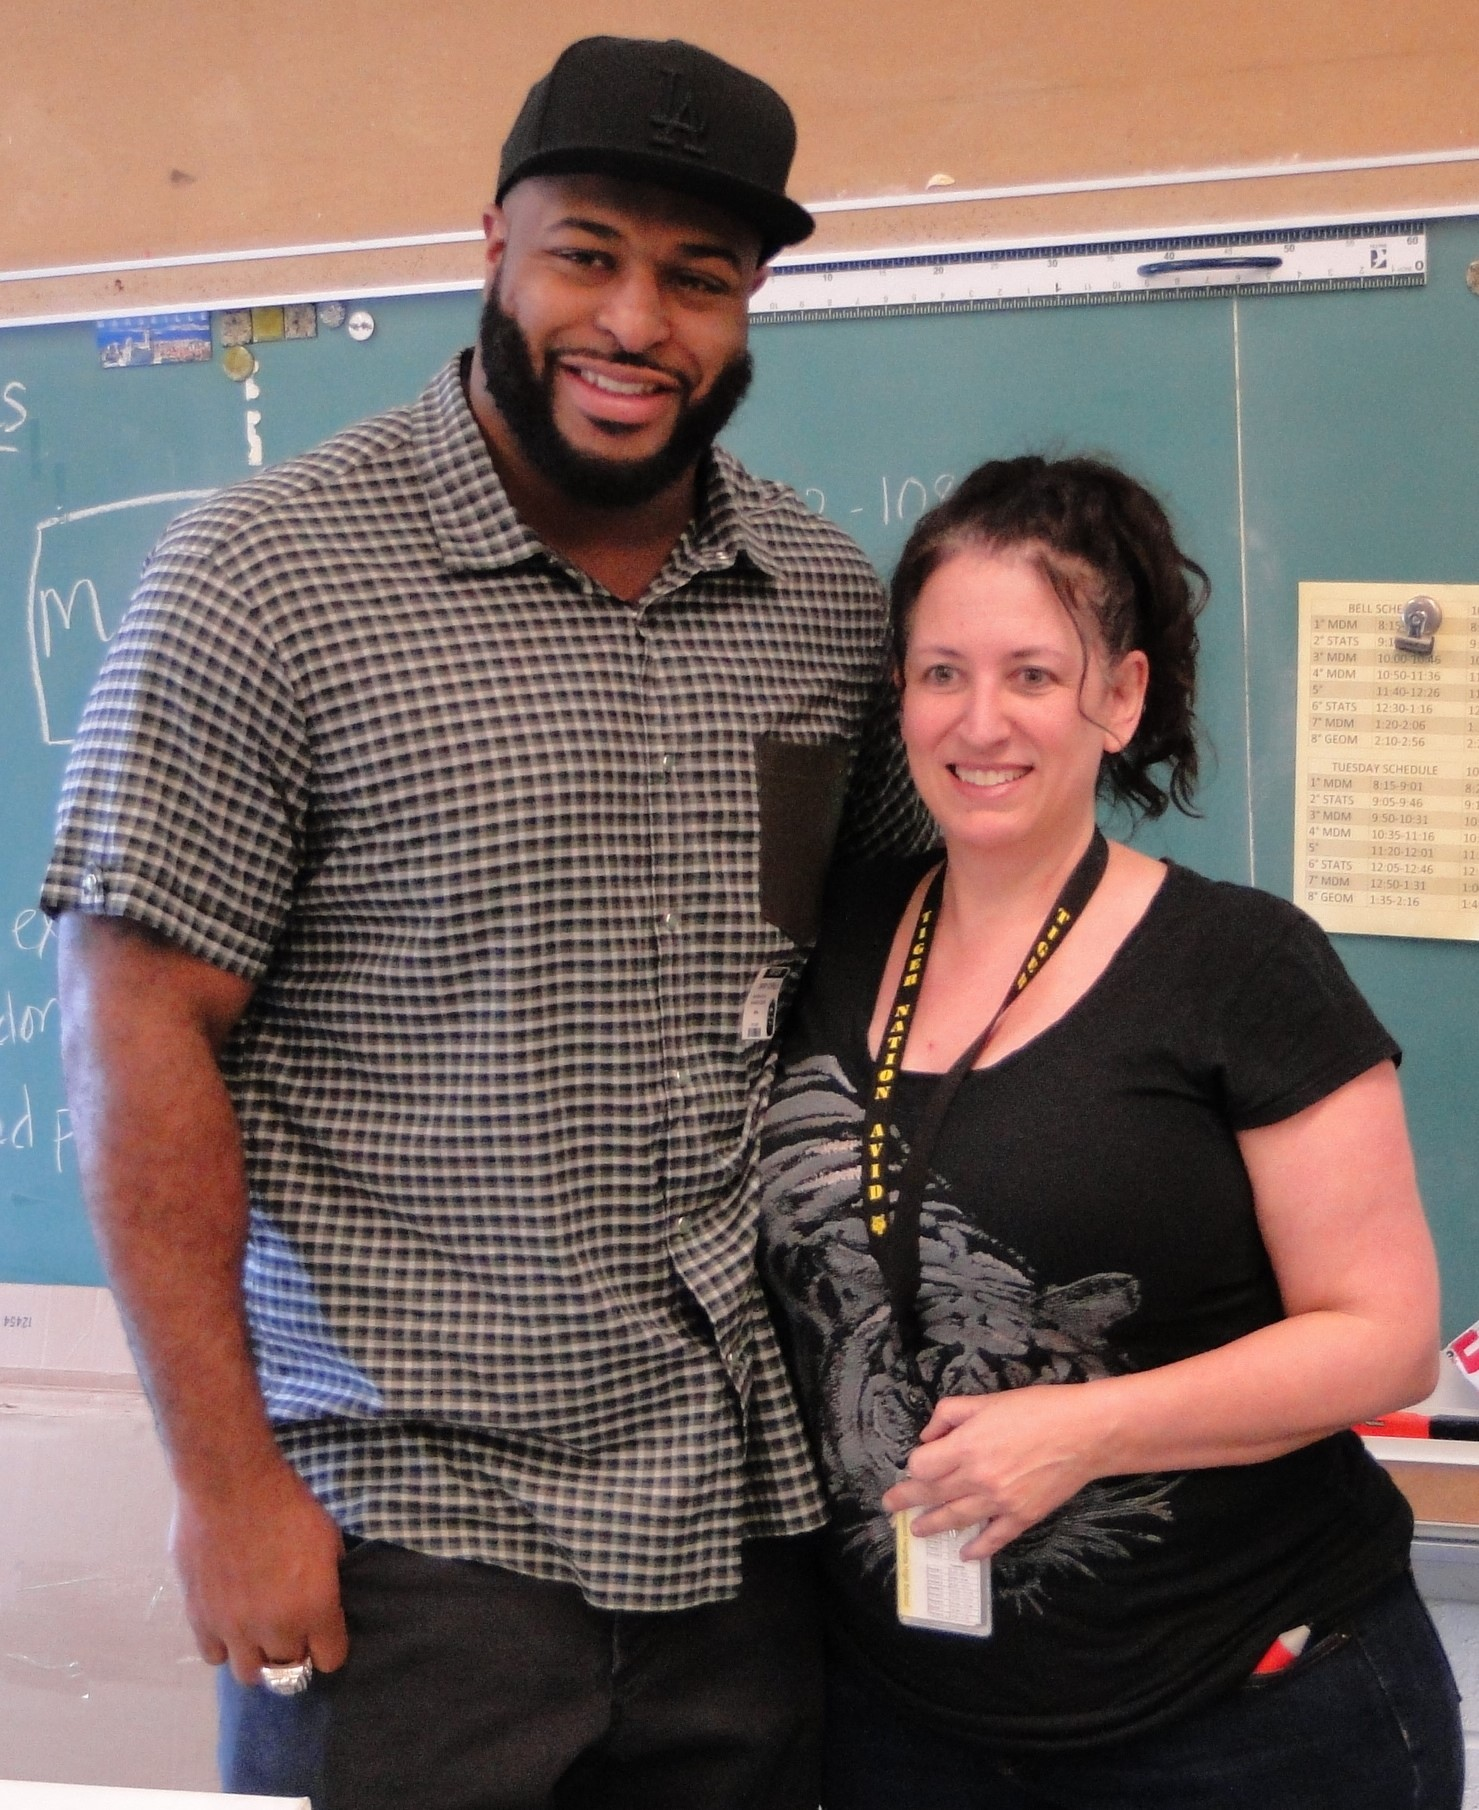 Barry with his former math teacher, Joyce Bukovac.